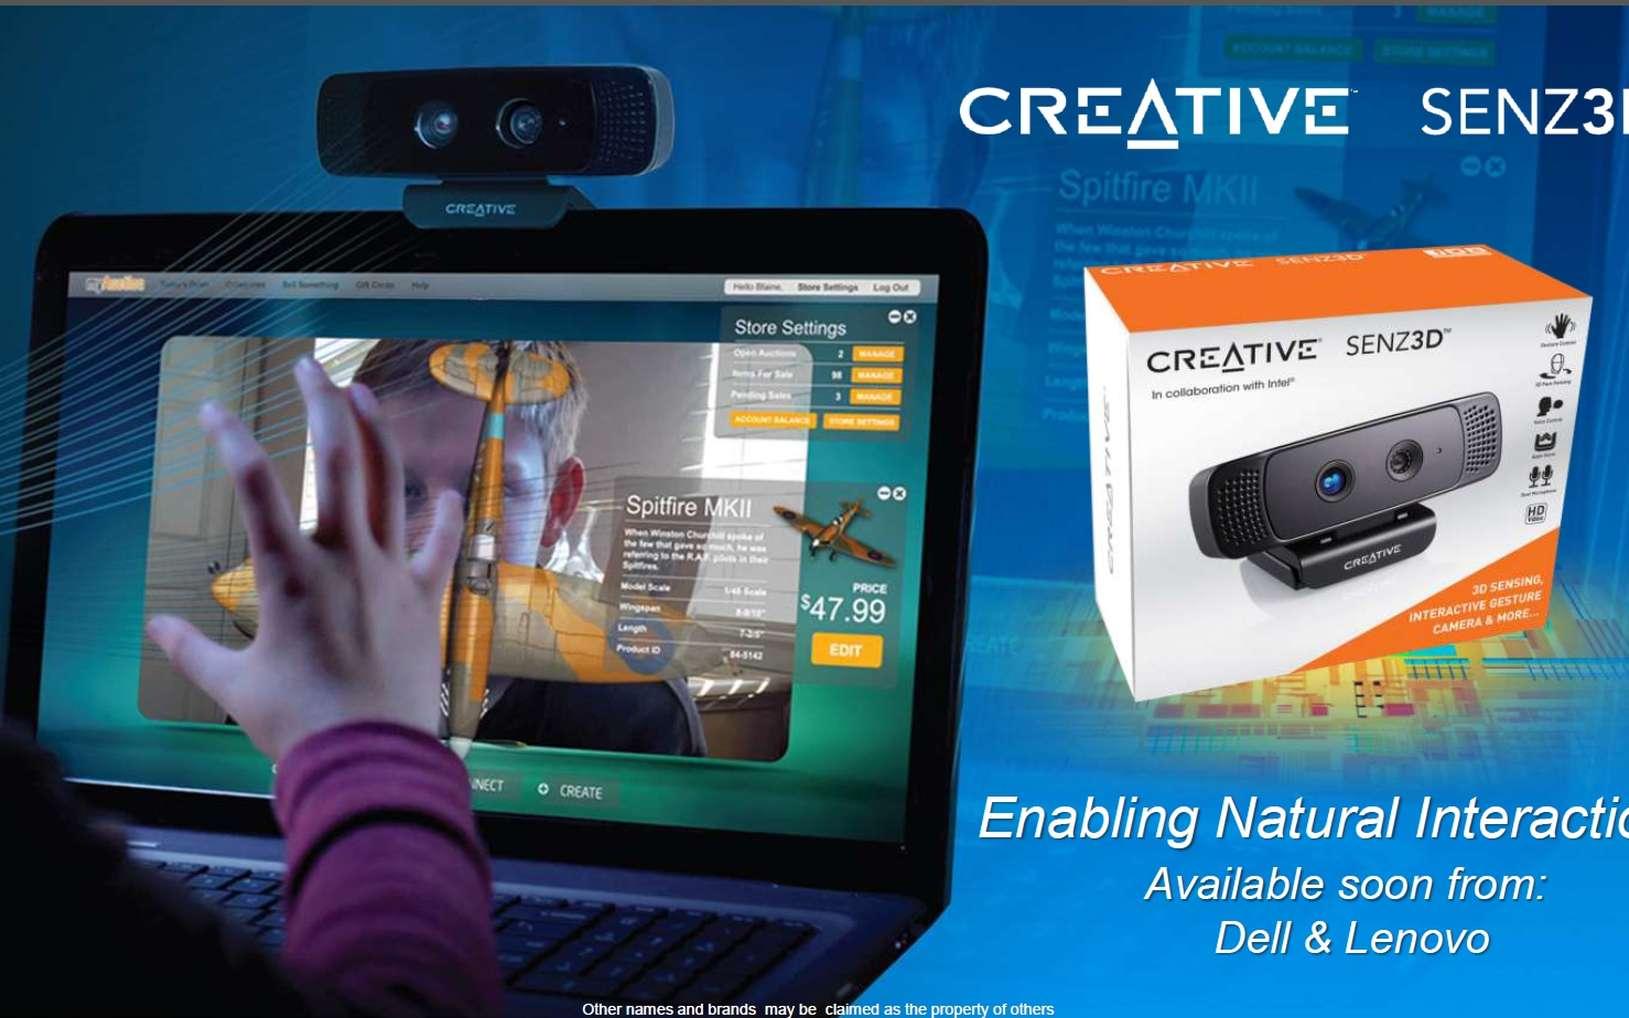 Vendue 149 dollars aux seuls développeurs, la SENZ3D d'Intel, avec son kit SDK, leur permet de créer des applications tirant profit des capacités de la caméra. Intel estime qu'il sera capable d'équiper les écrans des ordinateurs portables de ce dispositif d'ici un an et demi. © Intel